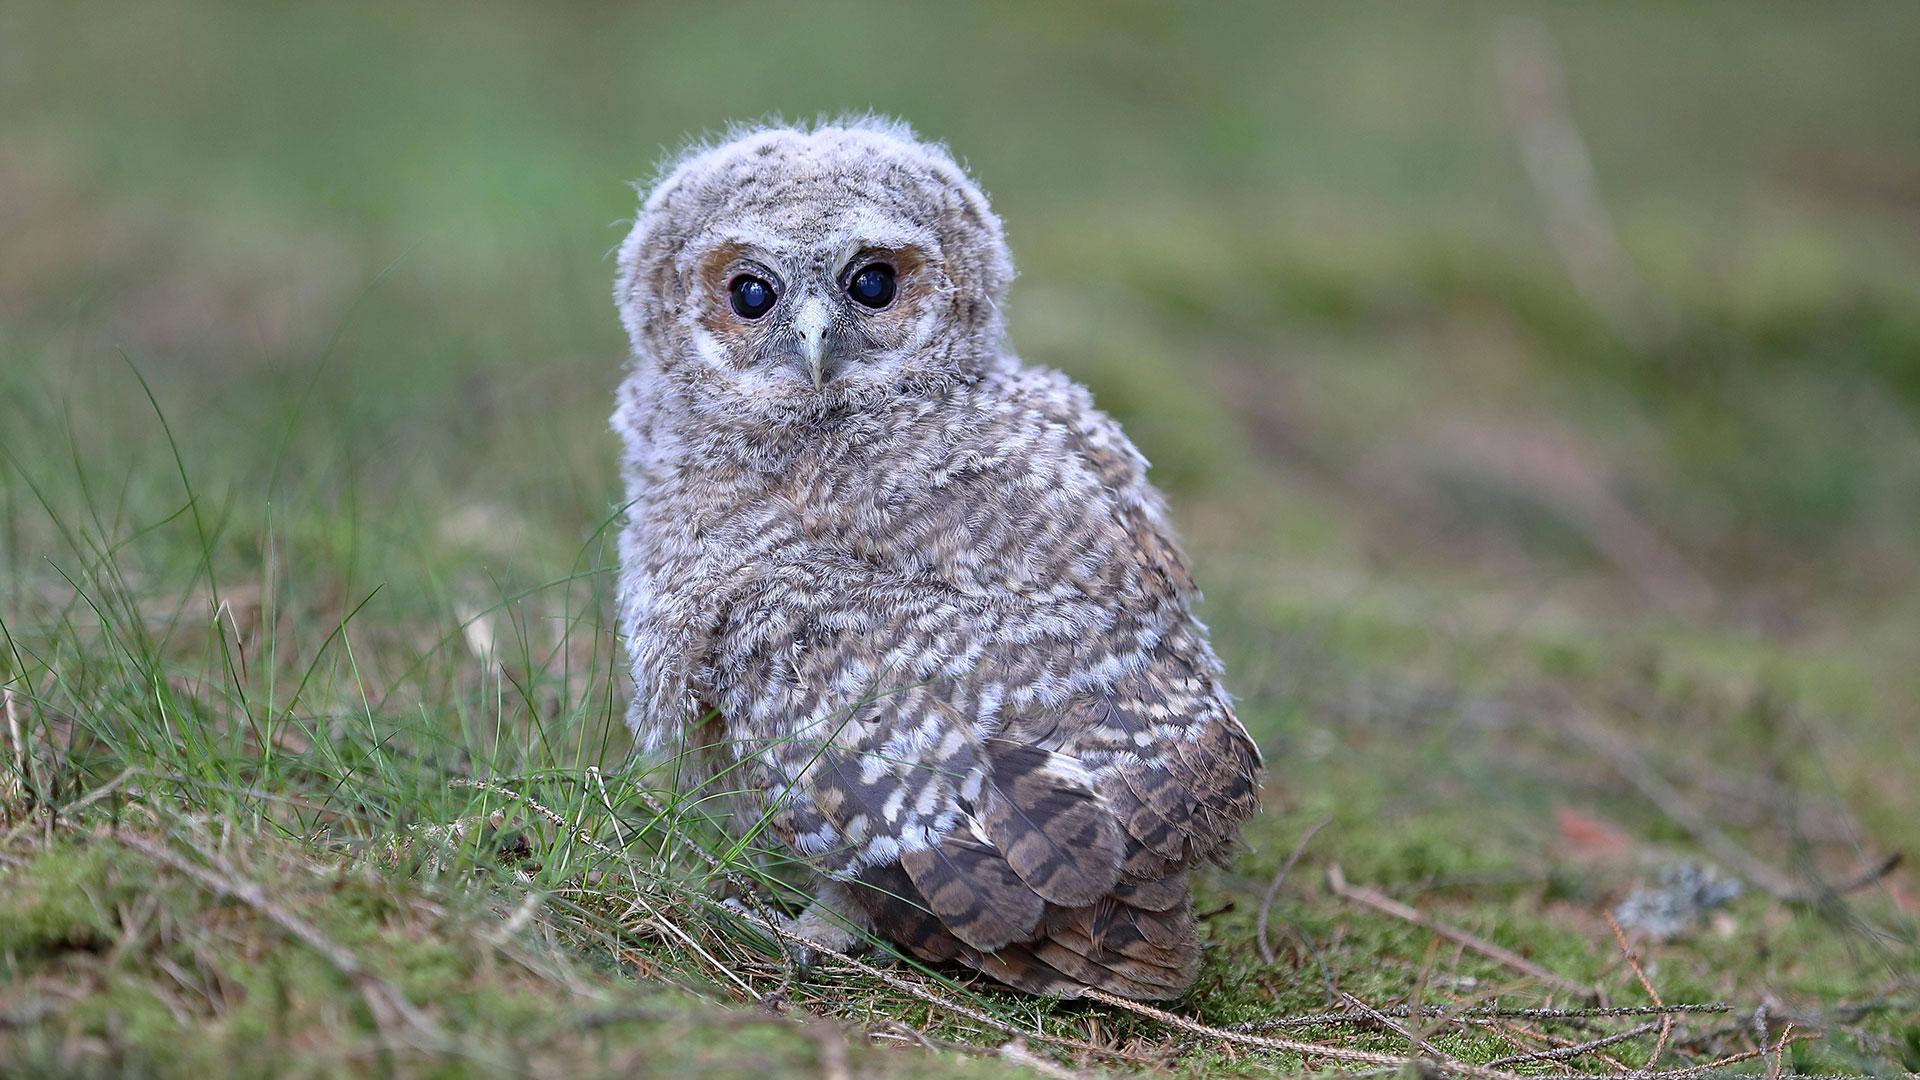 Vogel Aus Dem Nest Gefallen Was Tun Wwf Blog